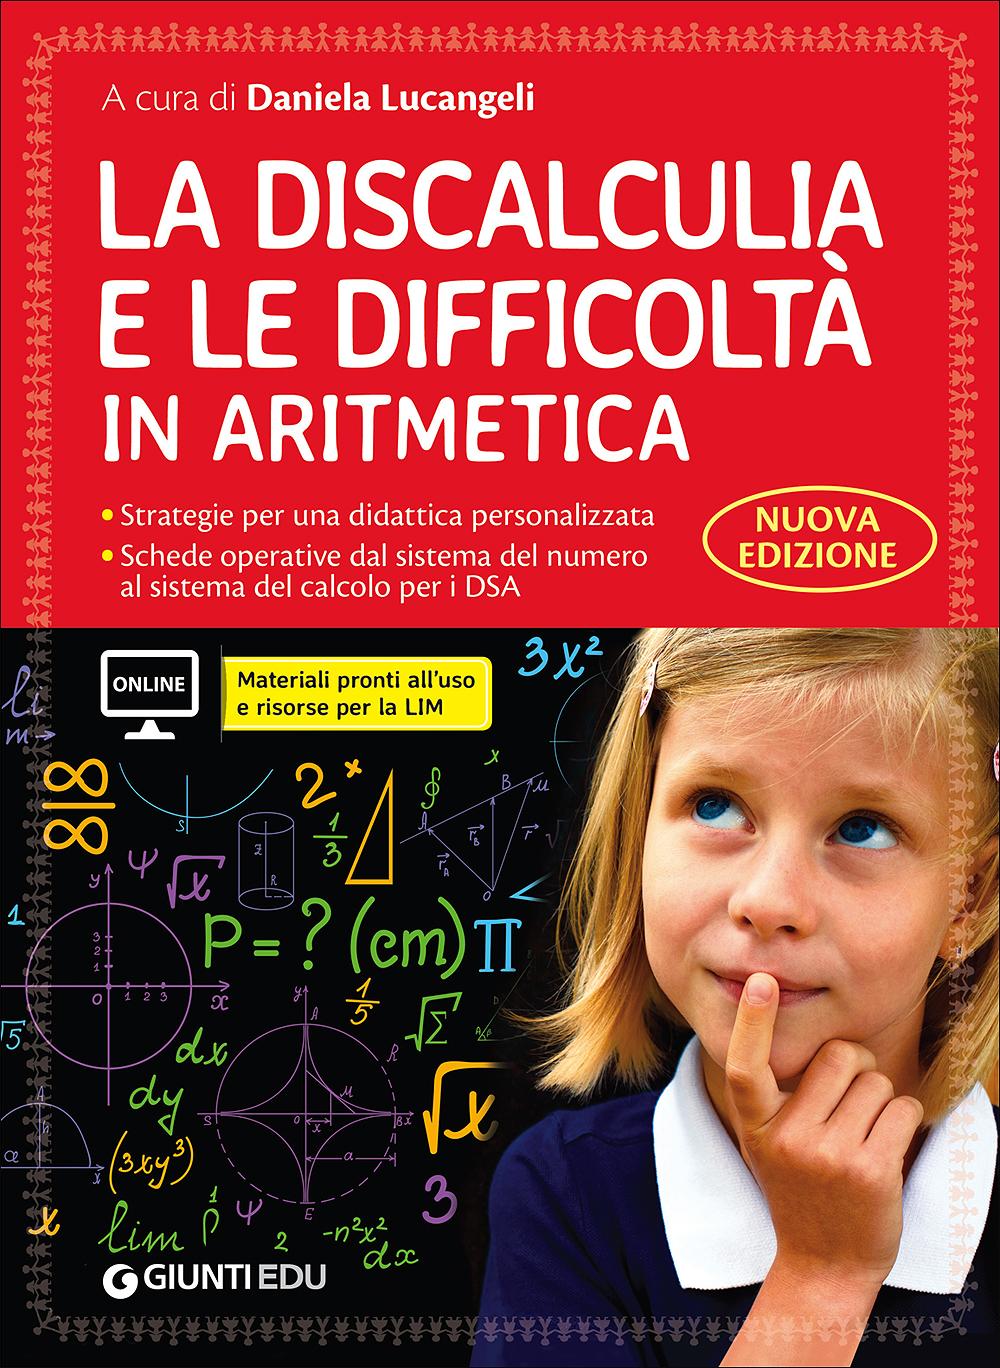 La discalculia e le difficoltà in aritmetica